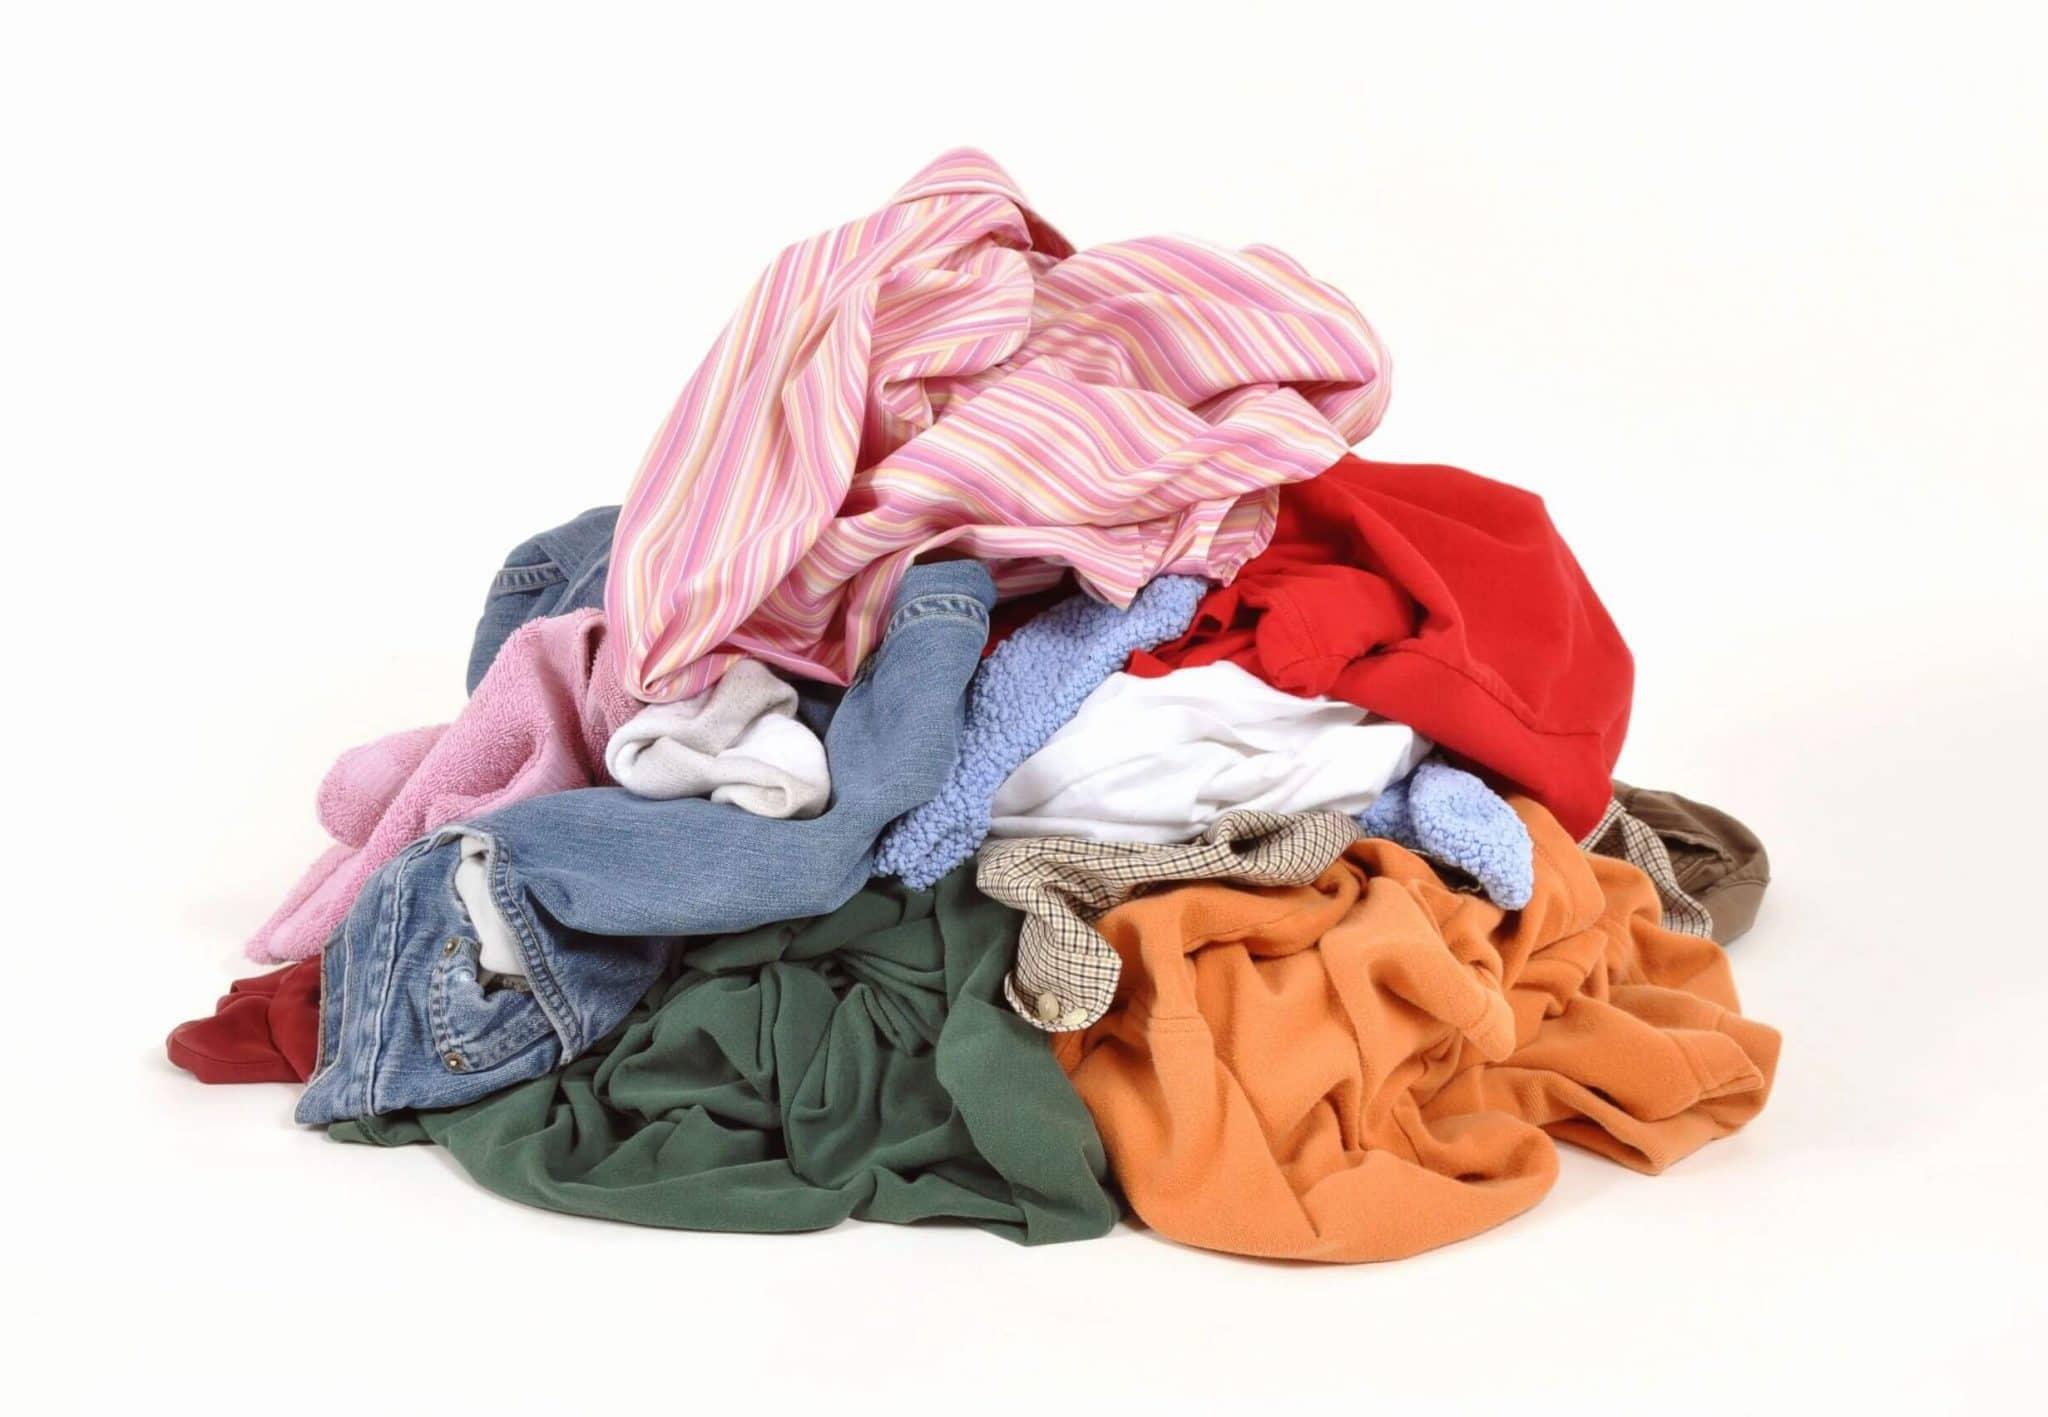 84Сон выкидывать одежду